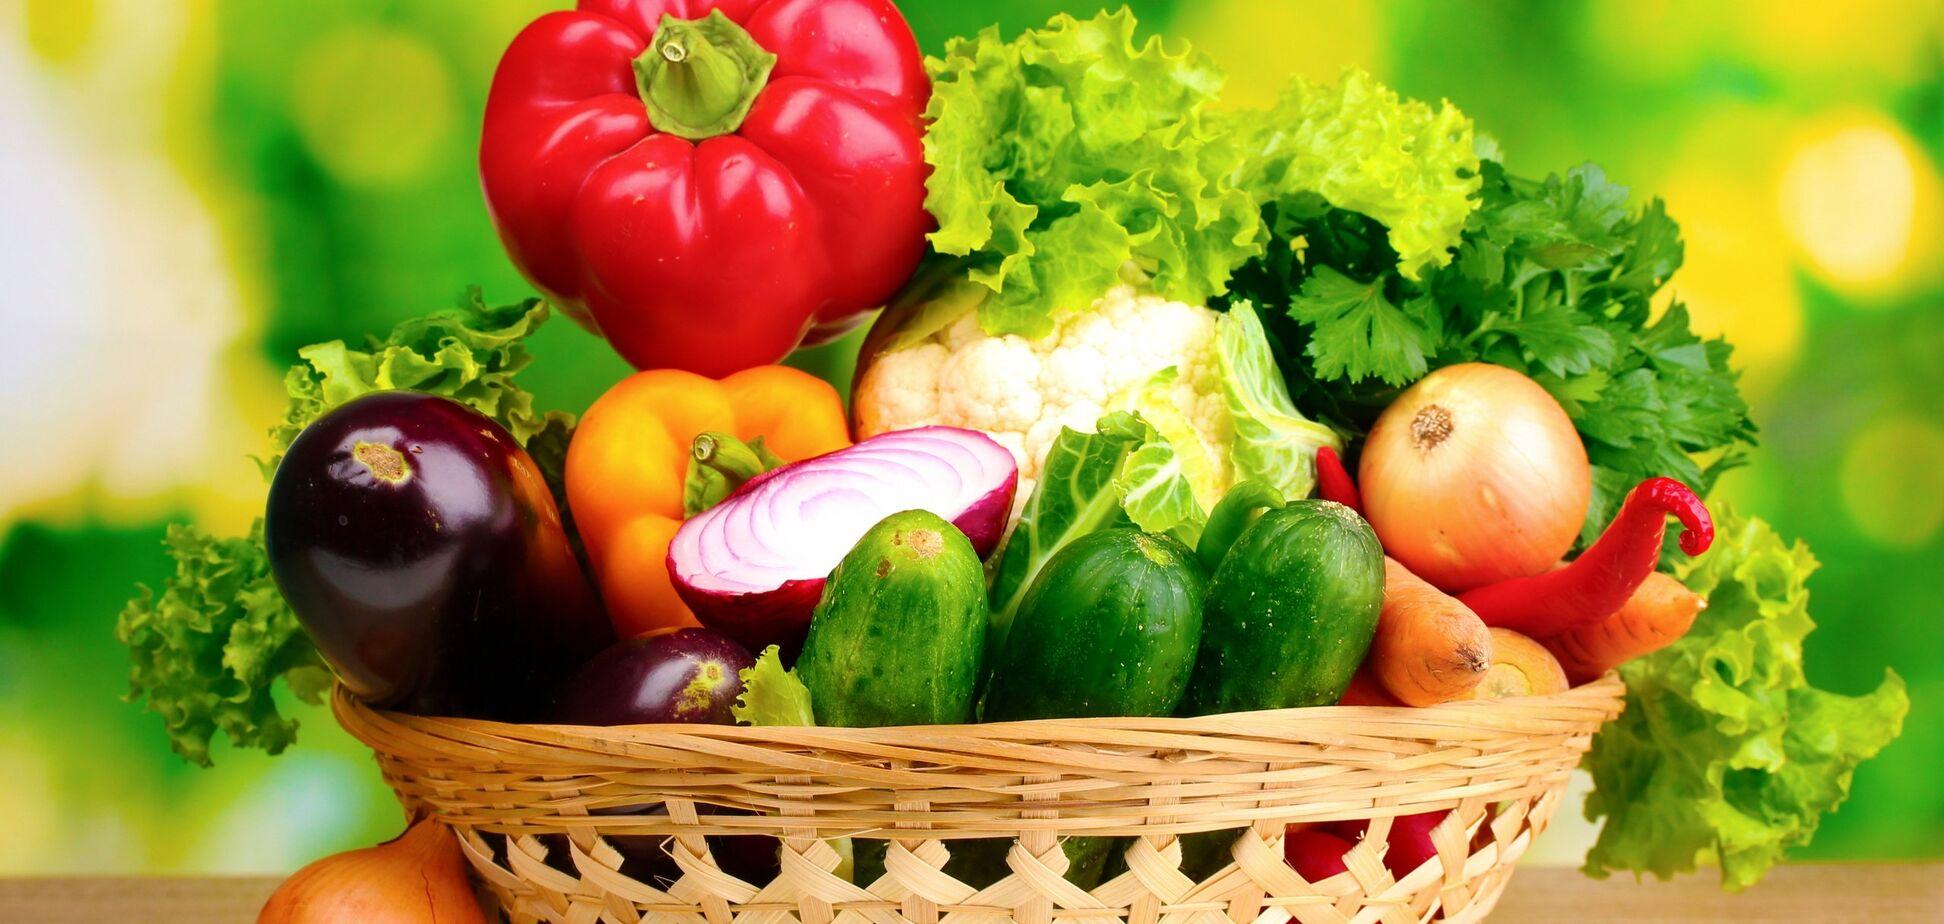 Вчені заявили про шкоду фруктів і овочів